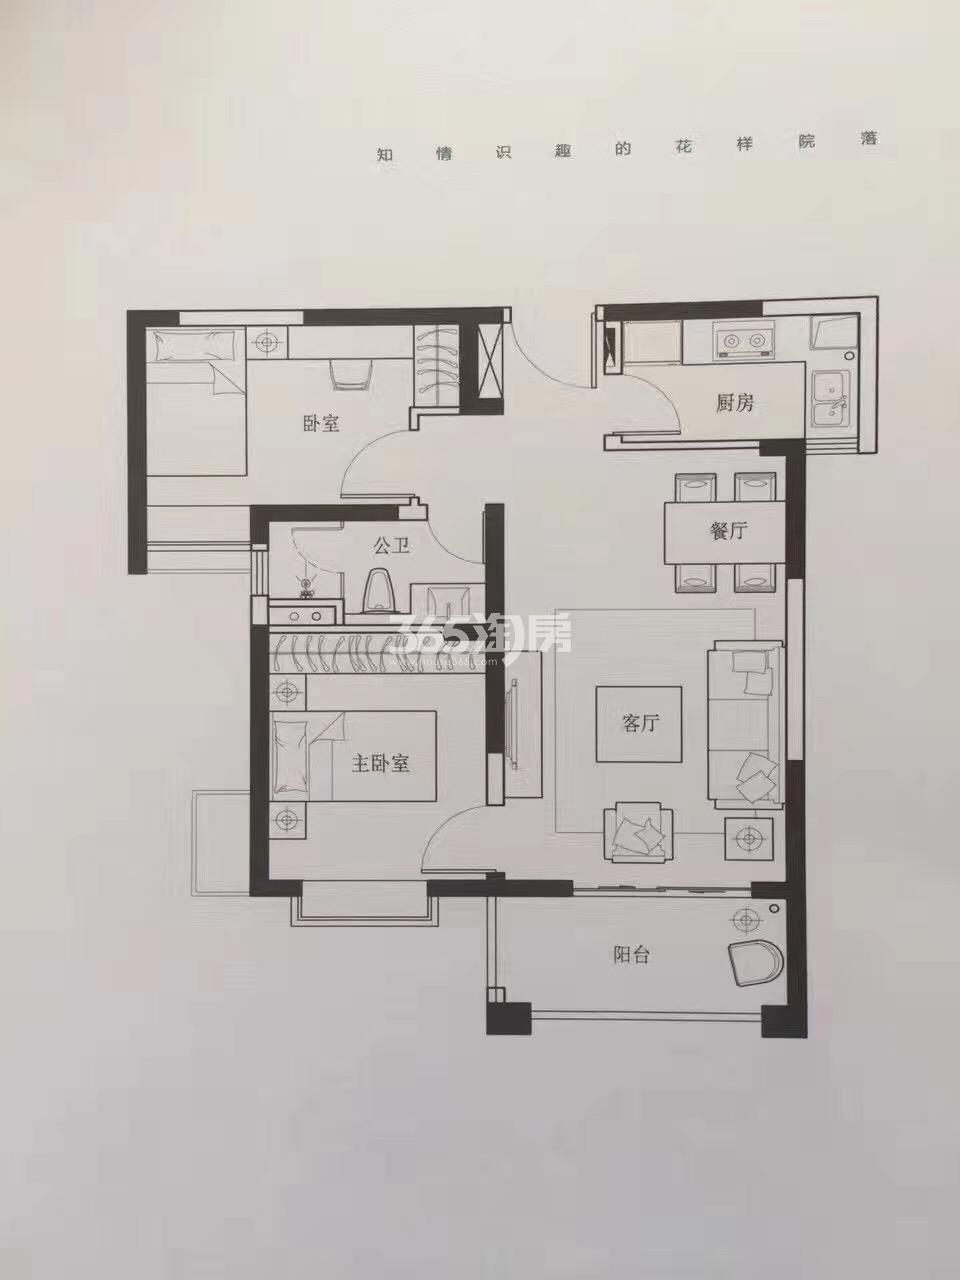 海伦春天15座2单元两室两厅一厨一卫74平米